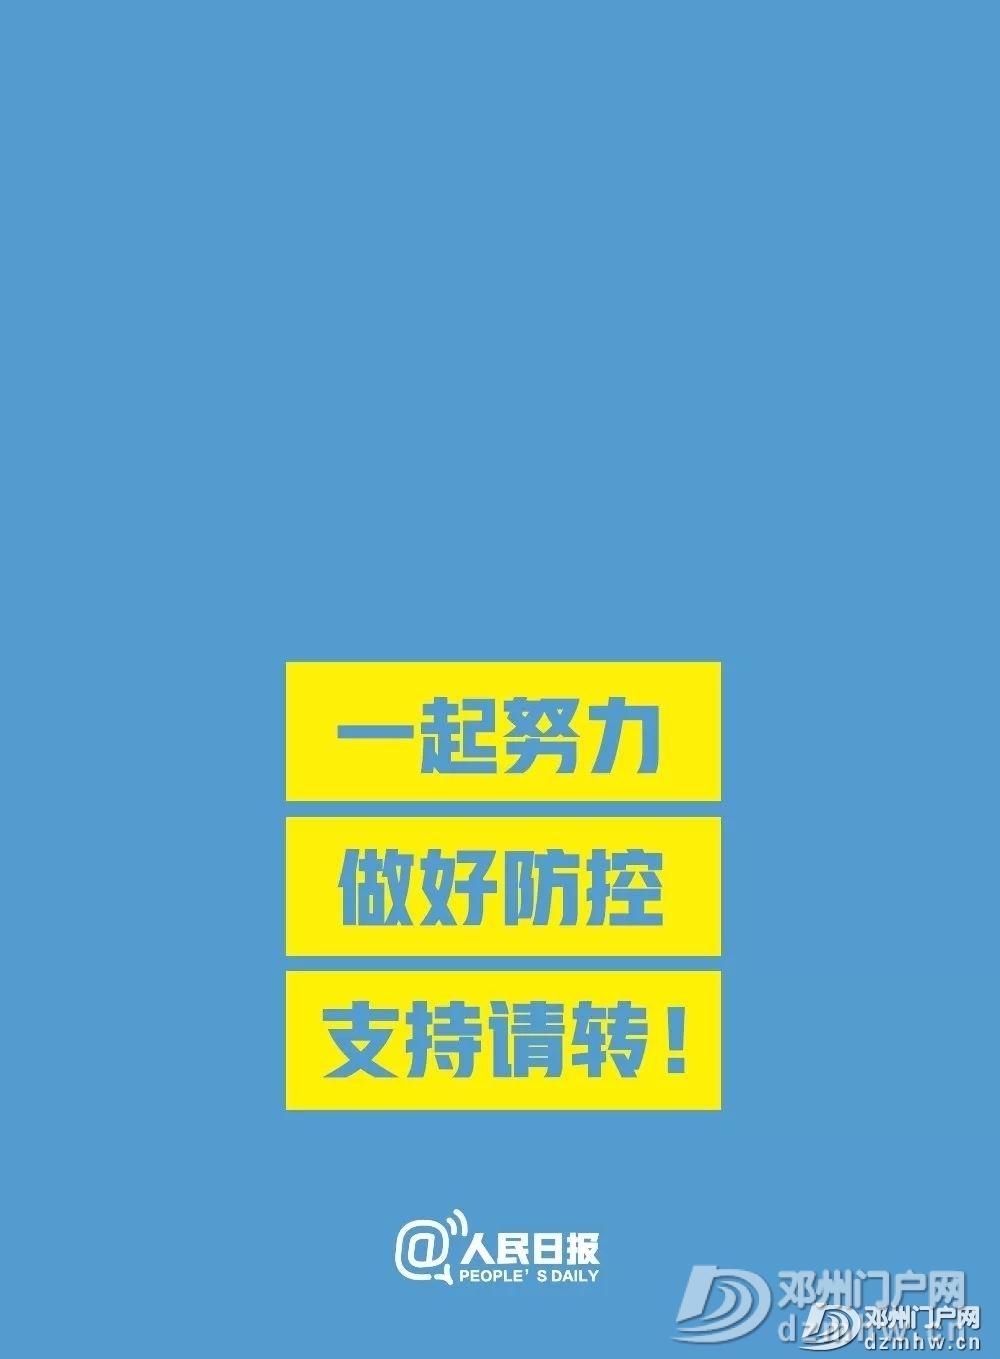 刚刚!河南确诊首位新型肺炎病例,邓州全面禁止销售活禽!铁路部门... - 邓州门户网 邓州网 - 00320492619_22147a00.jpg